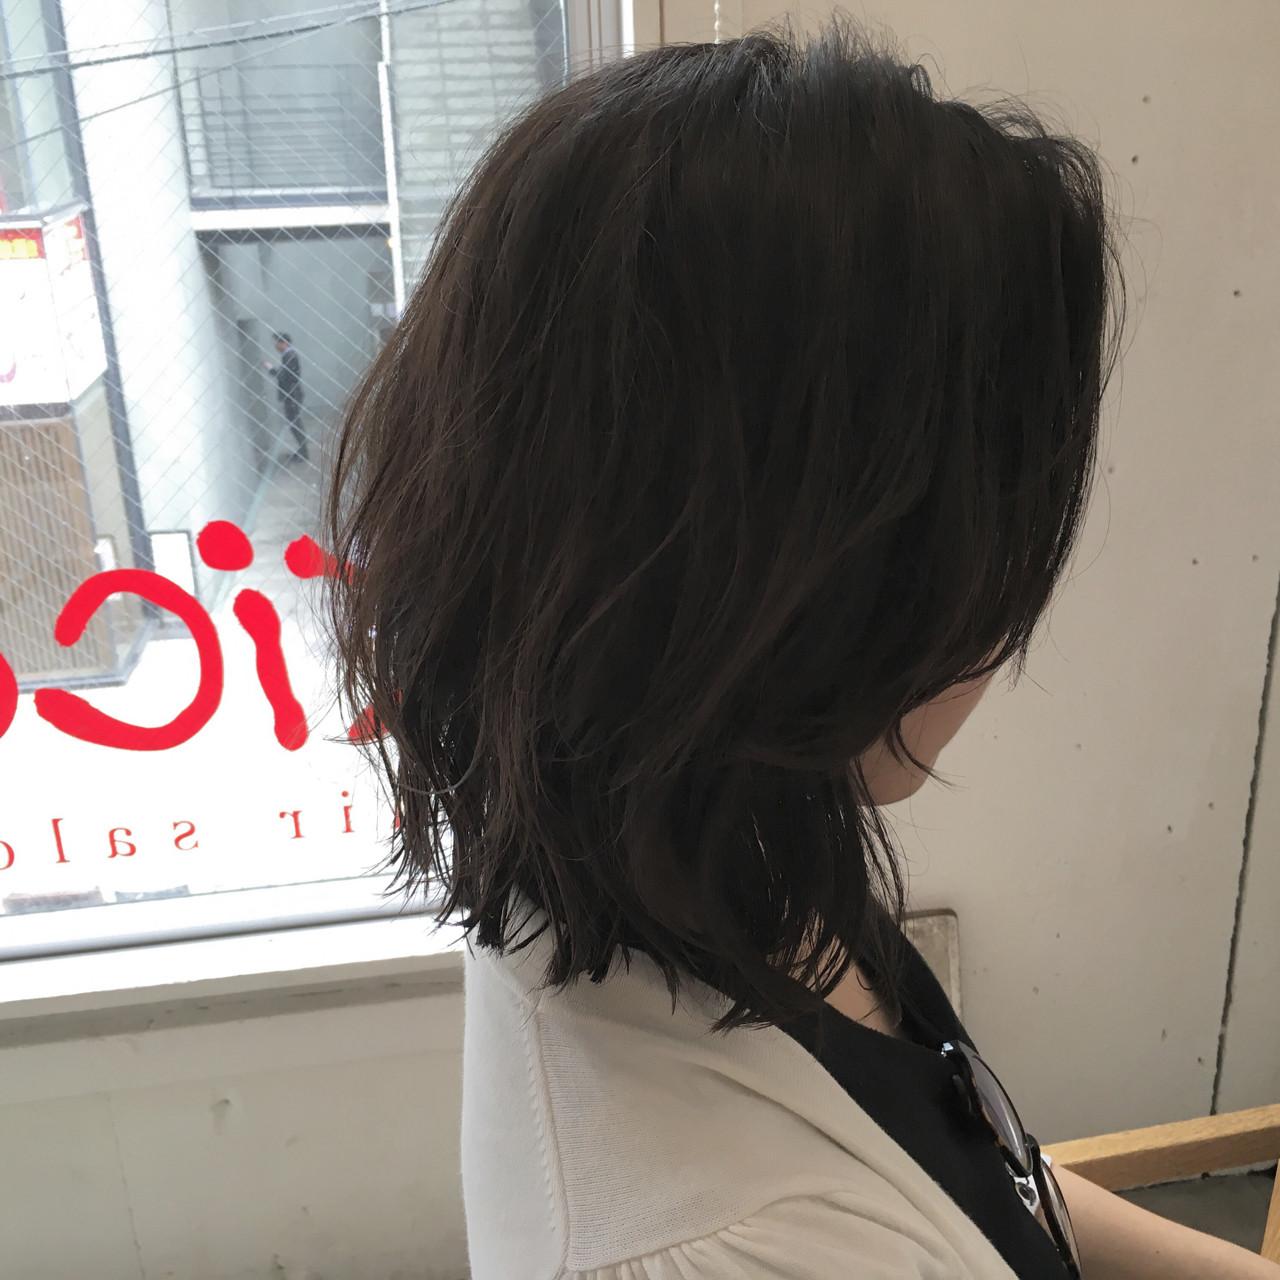 ミディアム ストリート ウルフカット レイヤーカット ヘアスタイルや髪型の写真・画像 | Miyabi/kico / MYBY